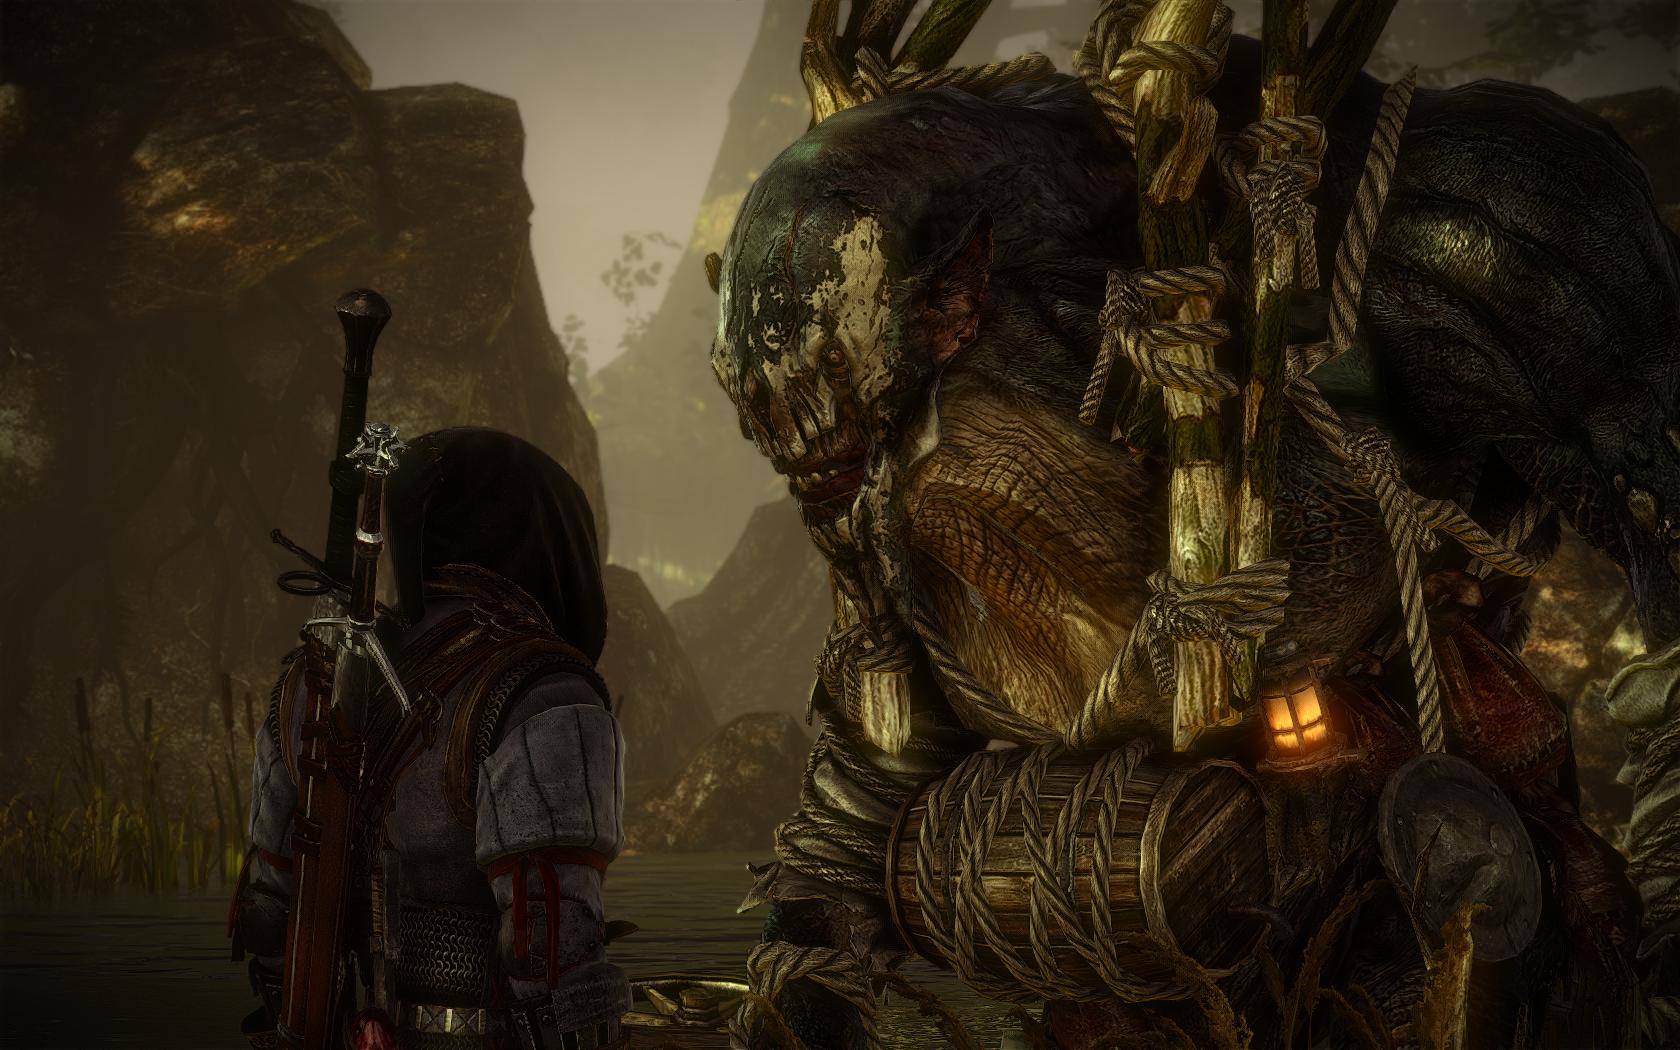 Category:The Witcher 2 DLC | Witcher Wiki | FANDOM powered